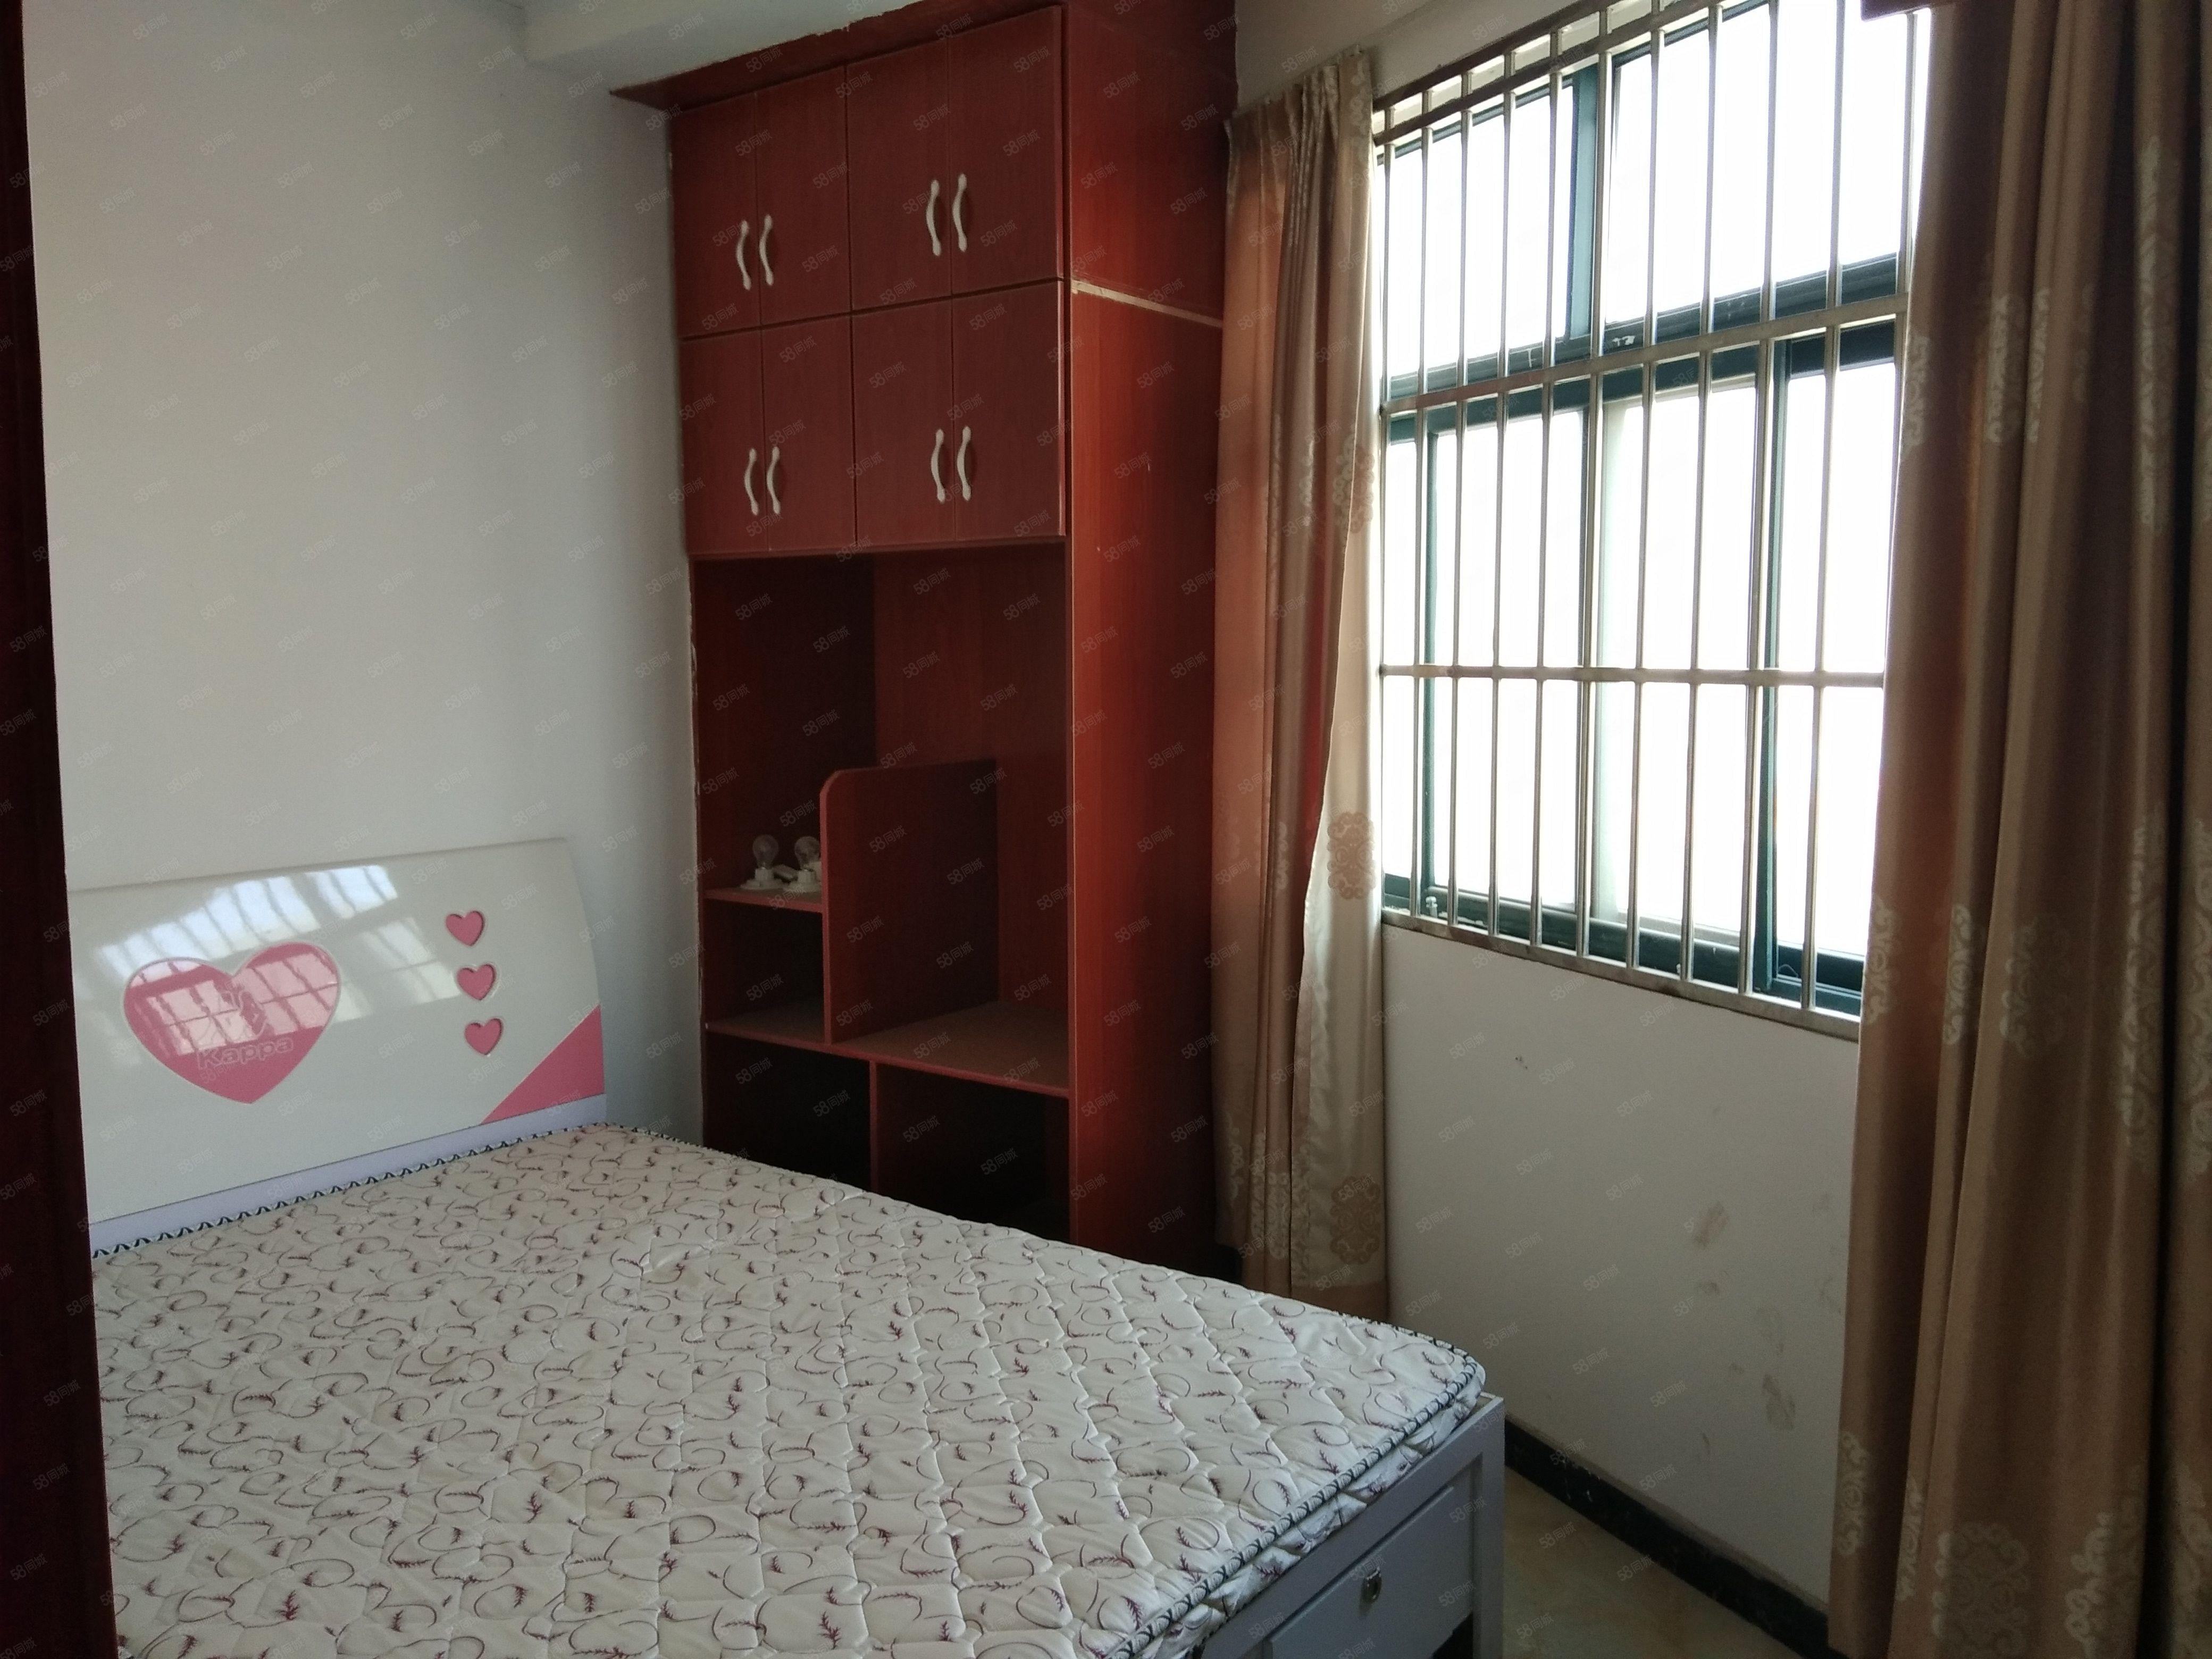 交通路格林绿色港湾精装修1室1厅1卫家具家电都可以配齐!